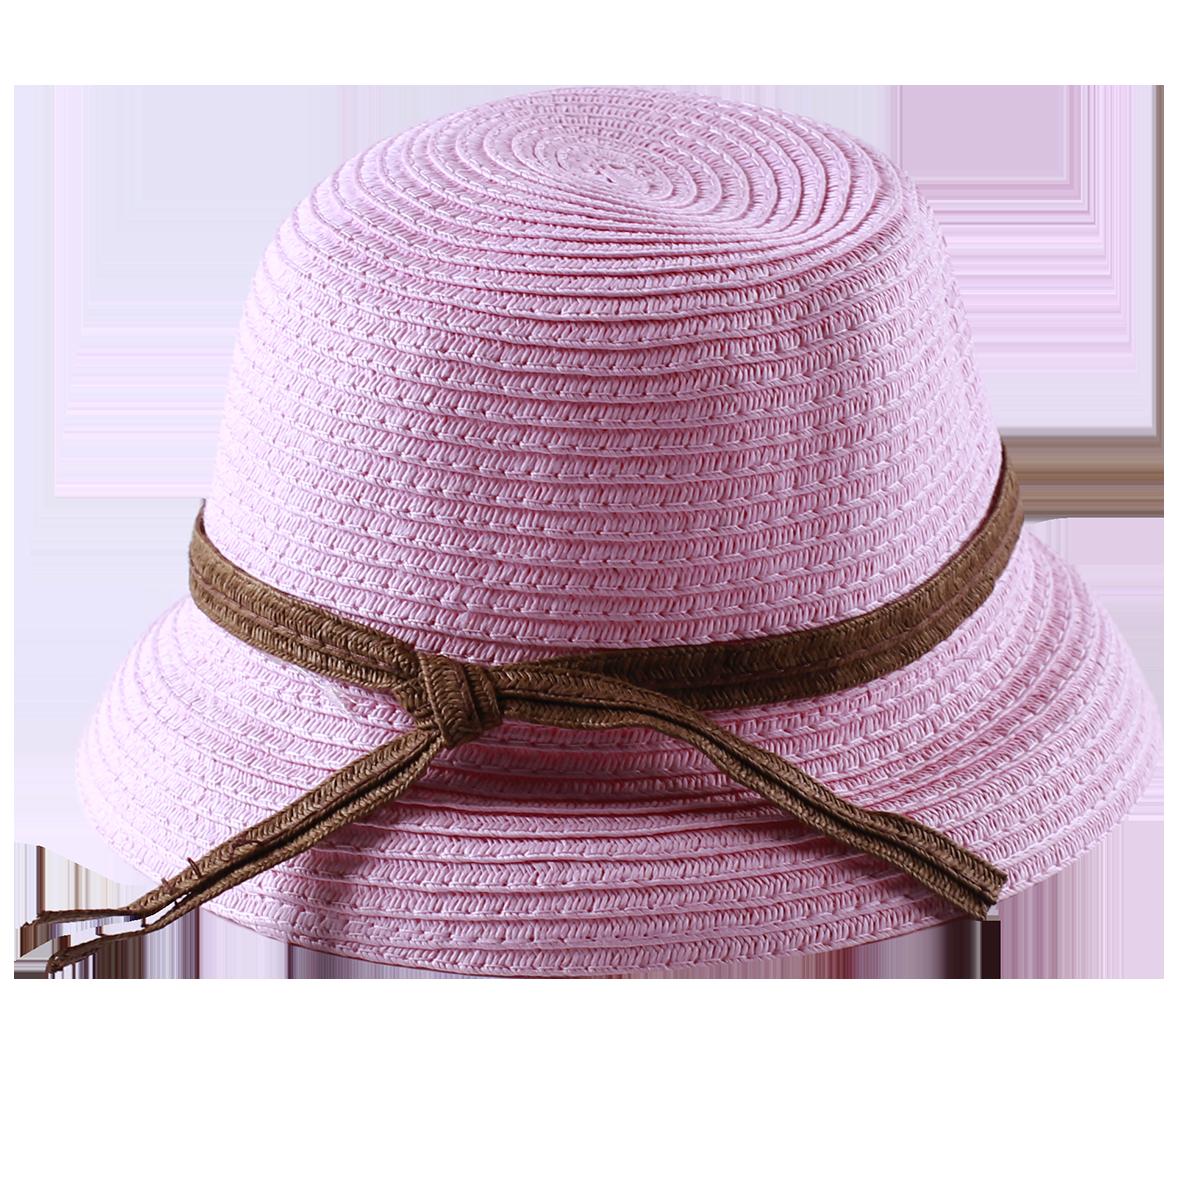 Mũ rộng vành Hàn quốc màu hồng